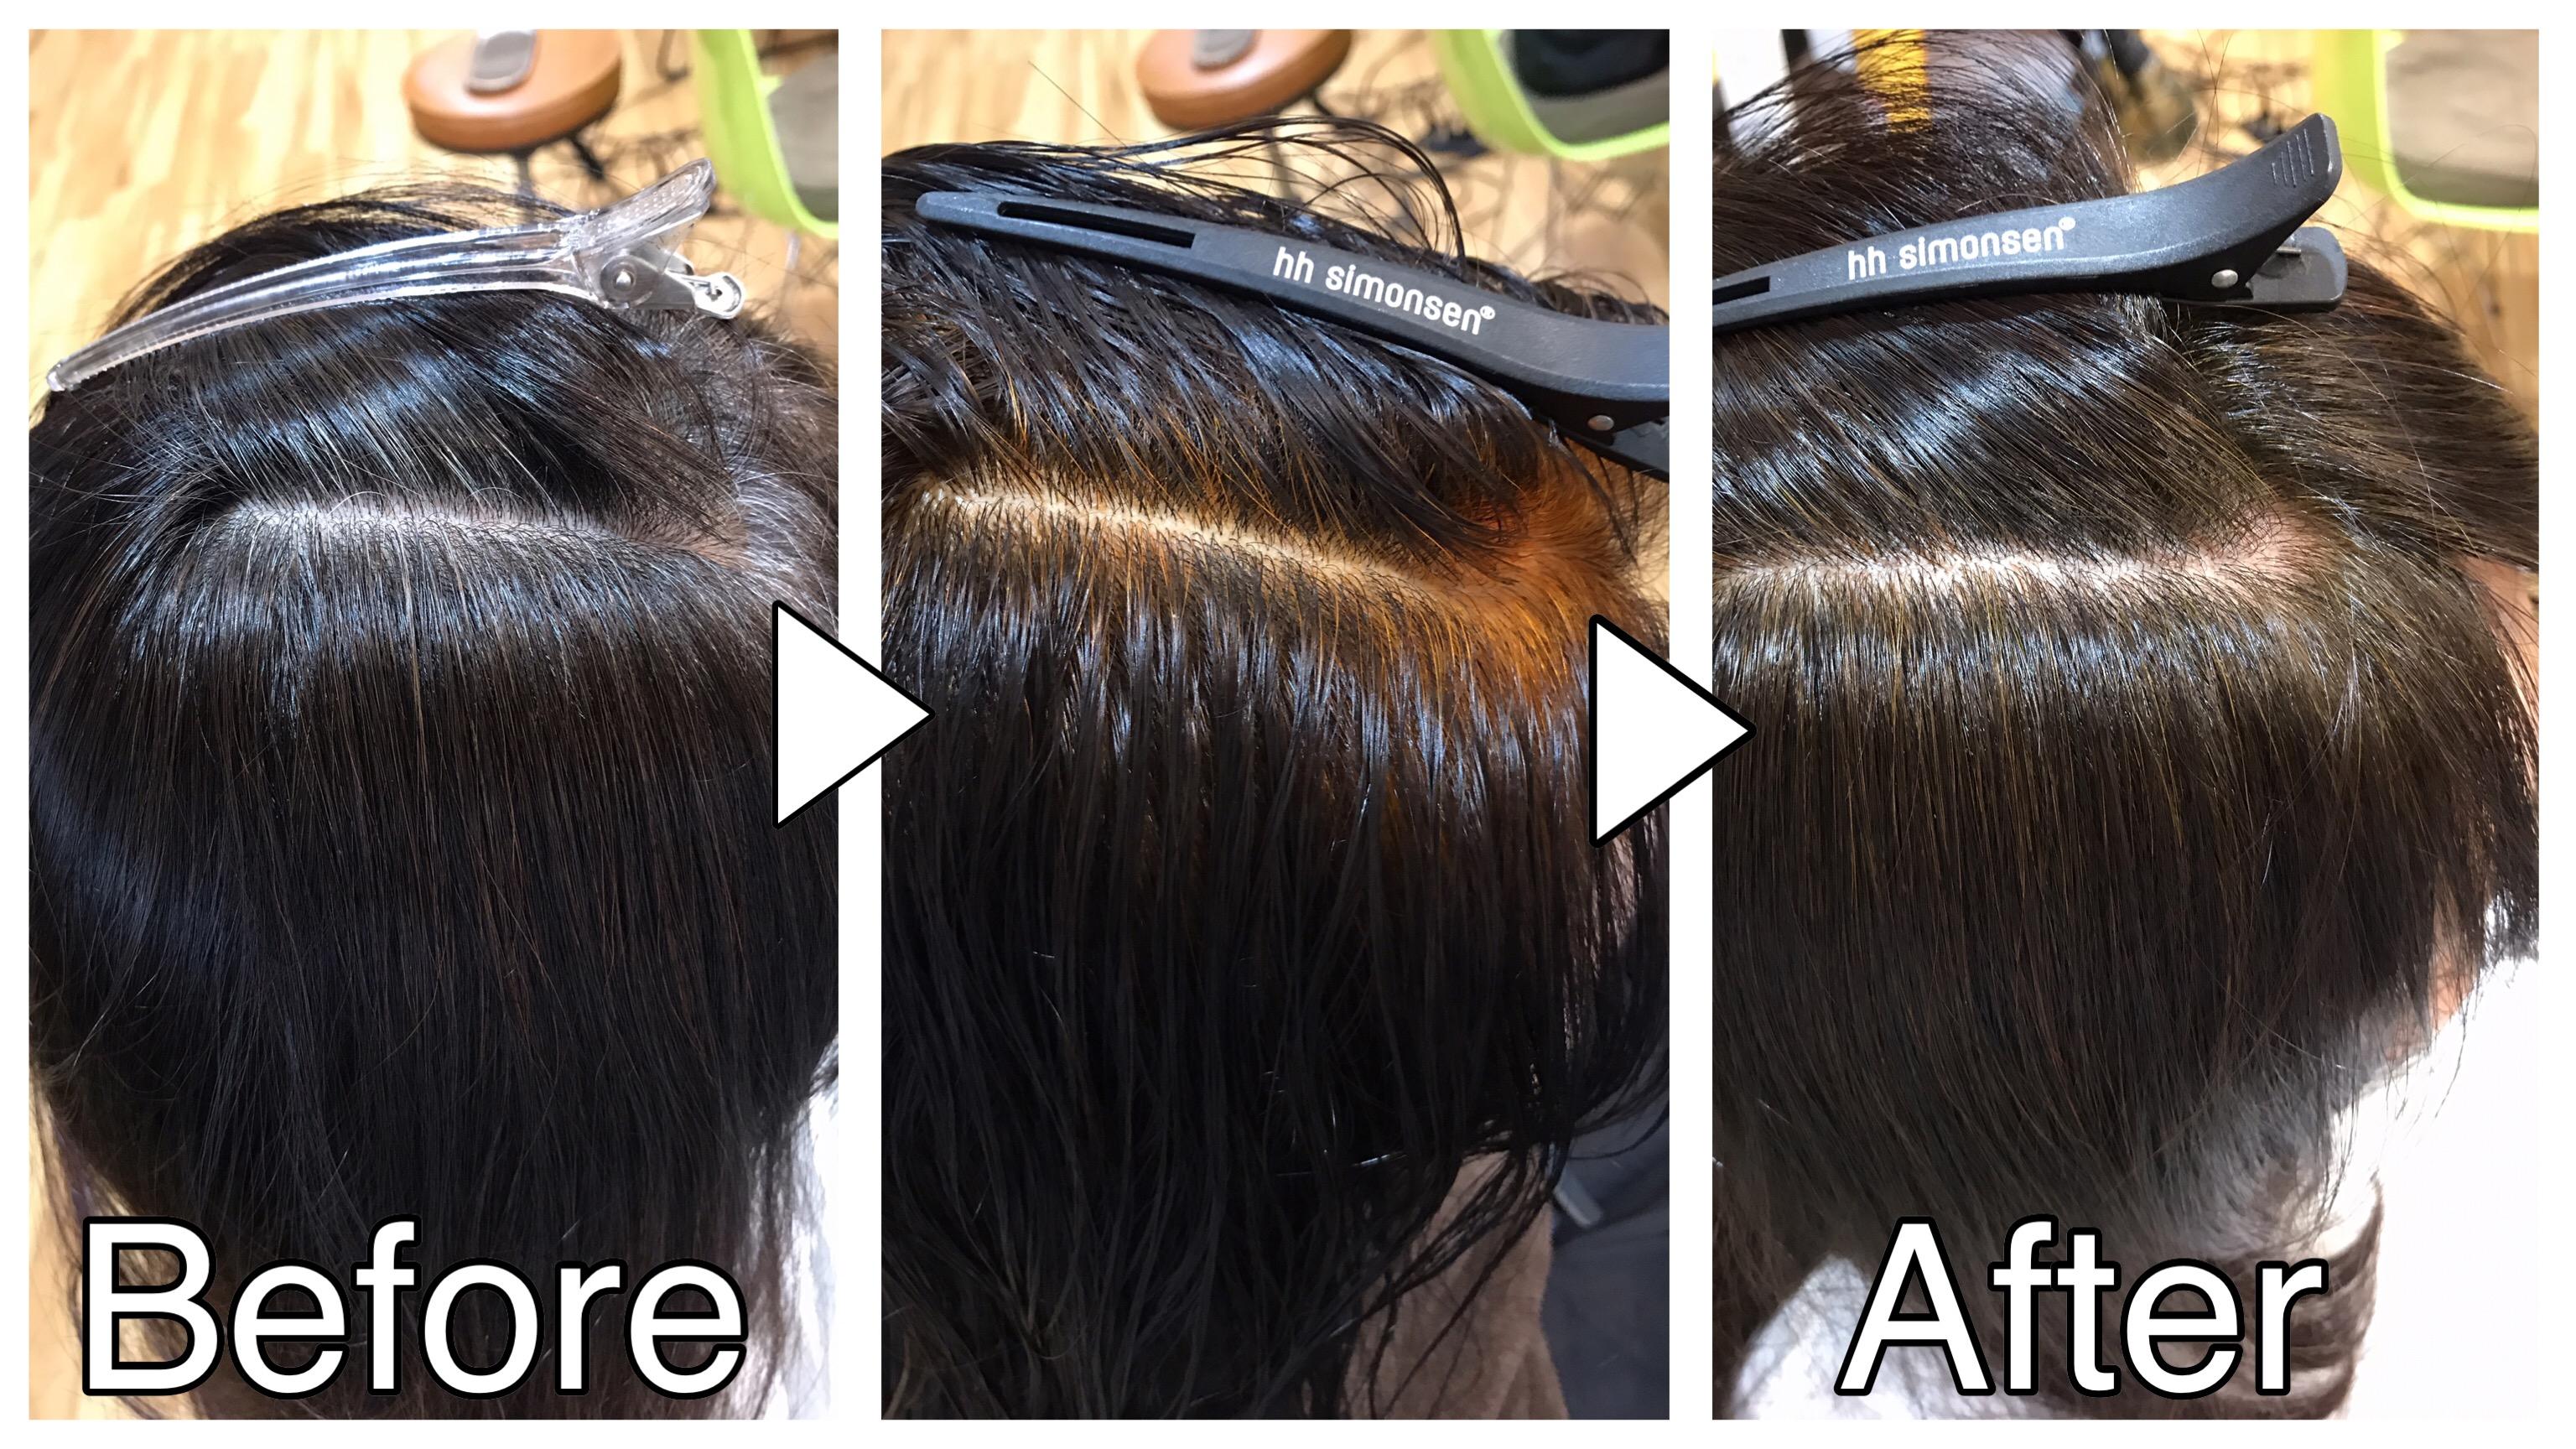 ヘナカラー(ハナヘナ)で白髪染めをしたお客様のビフォーアフター画像